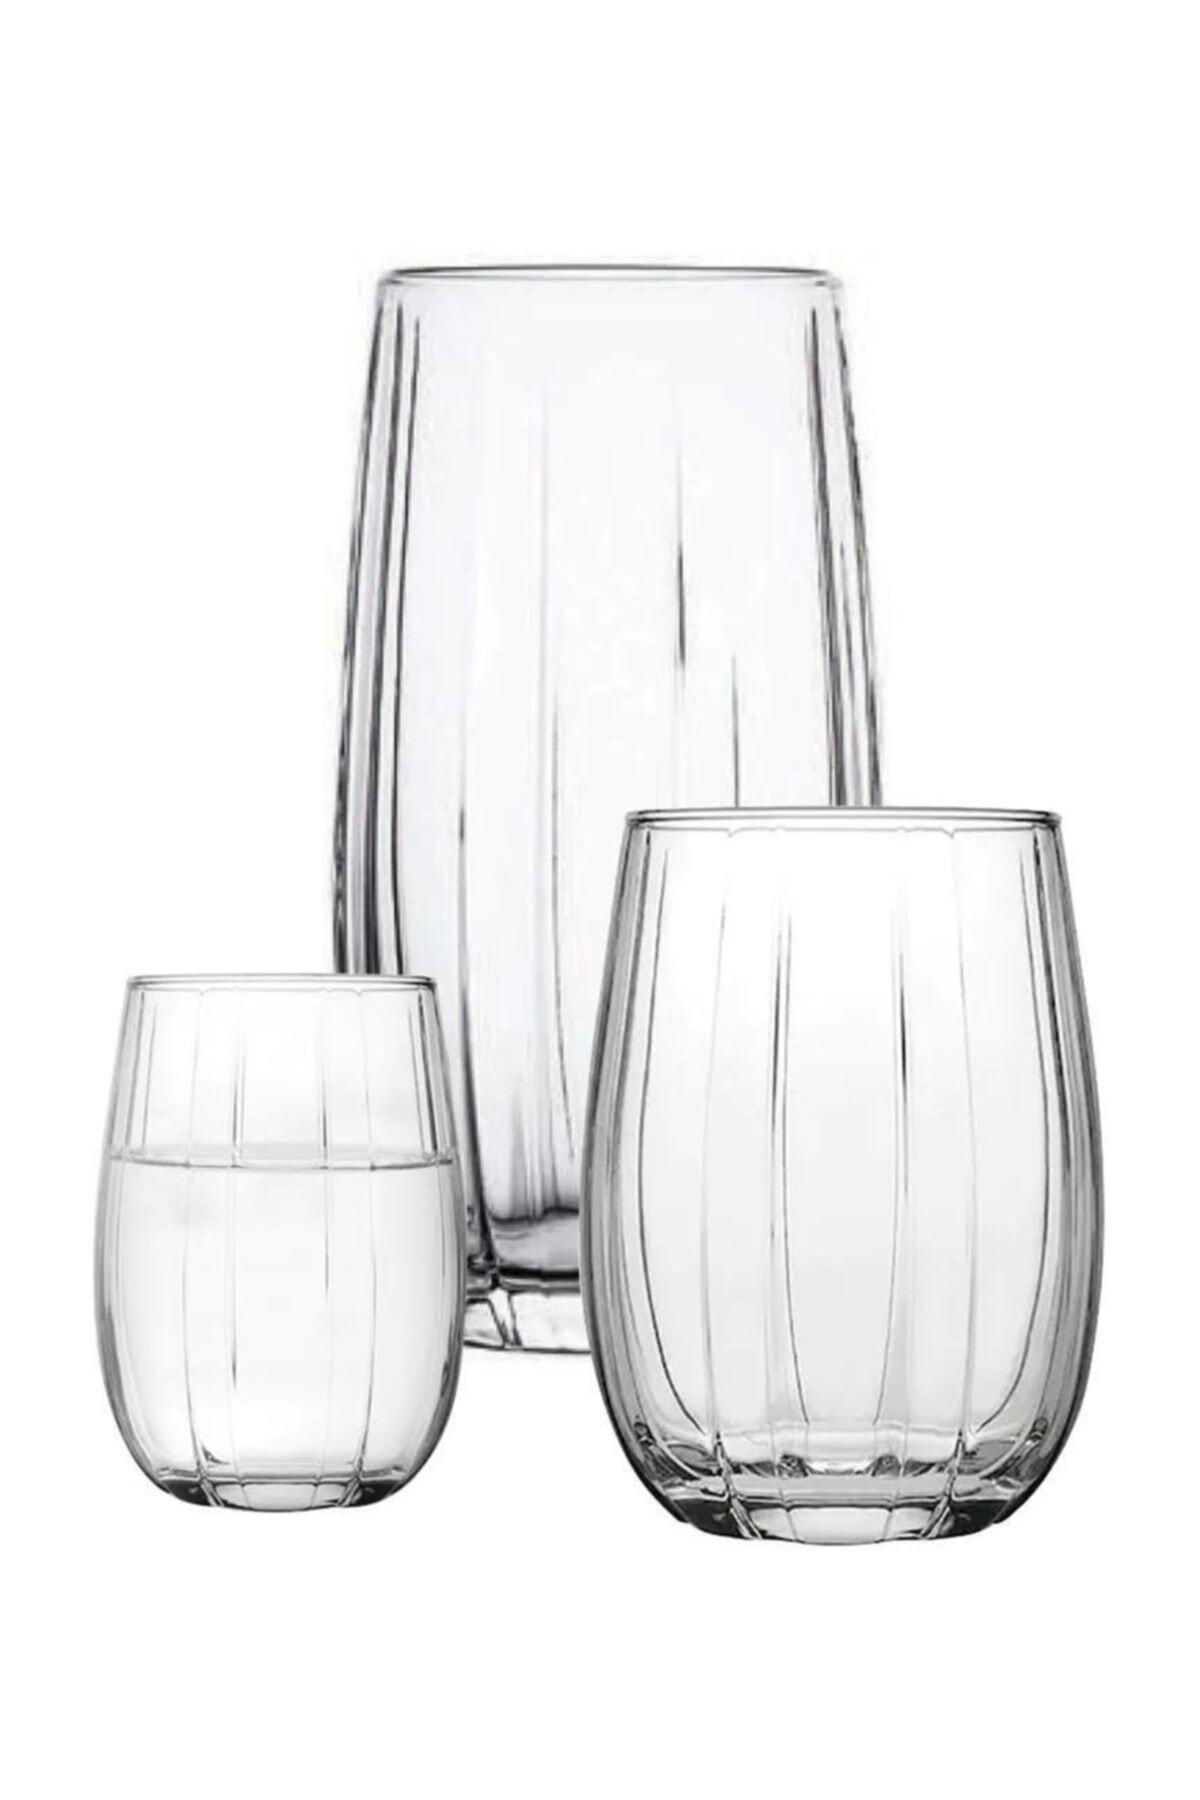 Linka 18 Parça Su Meşrubat Kahve Yanı Bardağı Takımı Seti